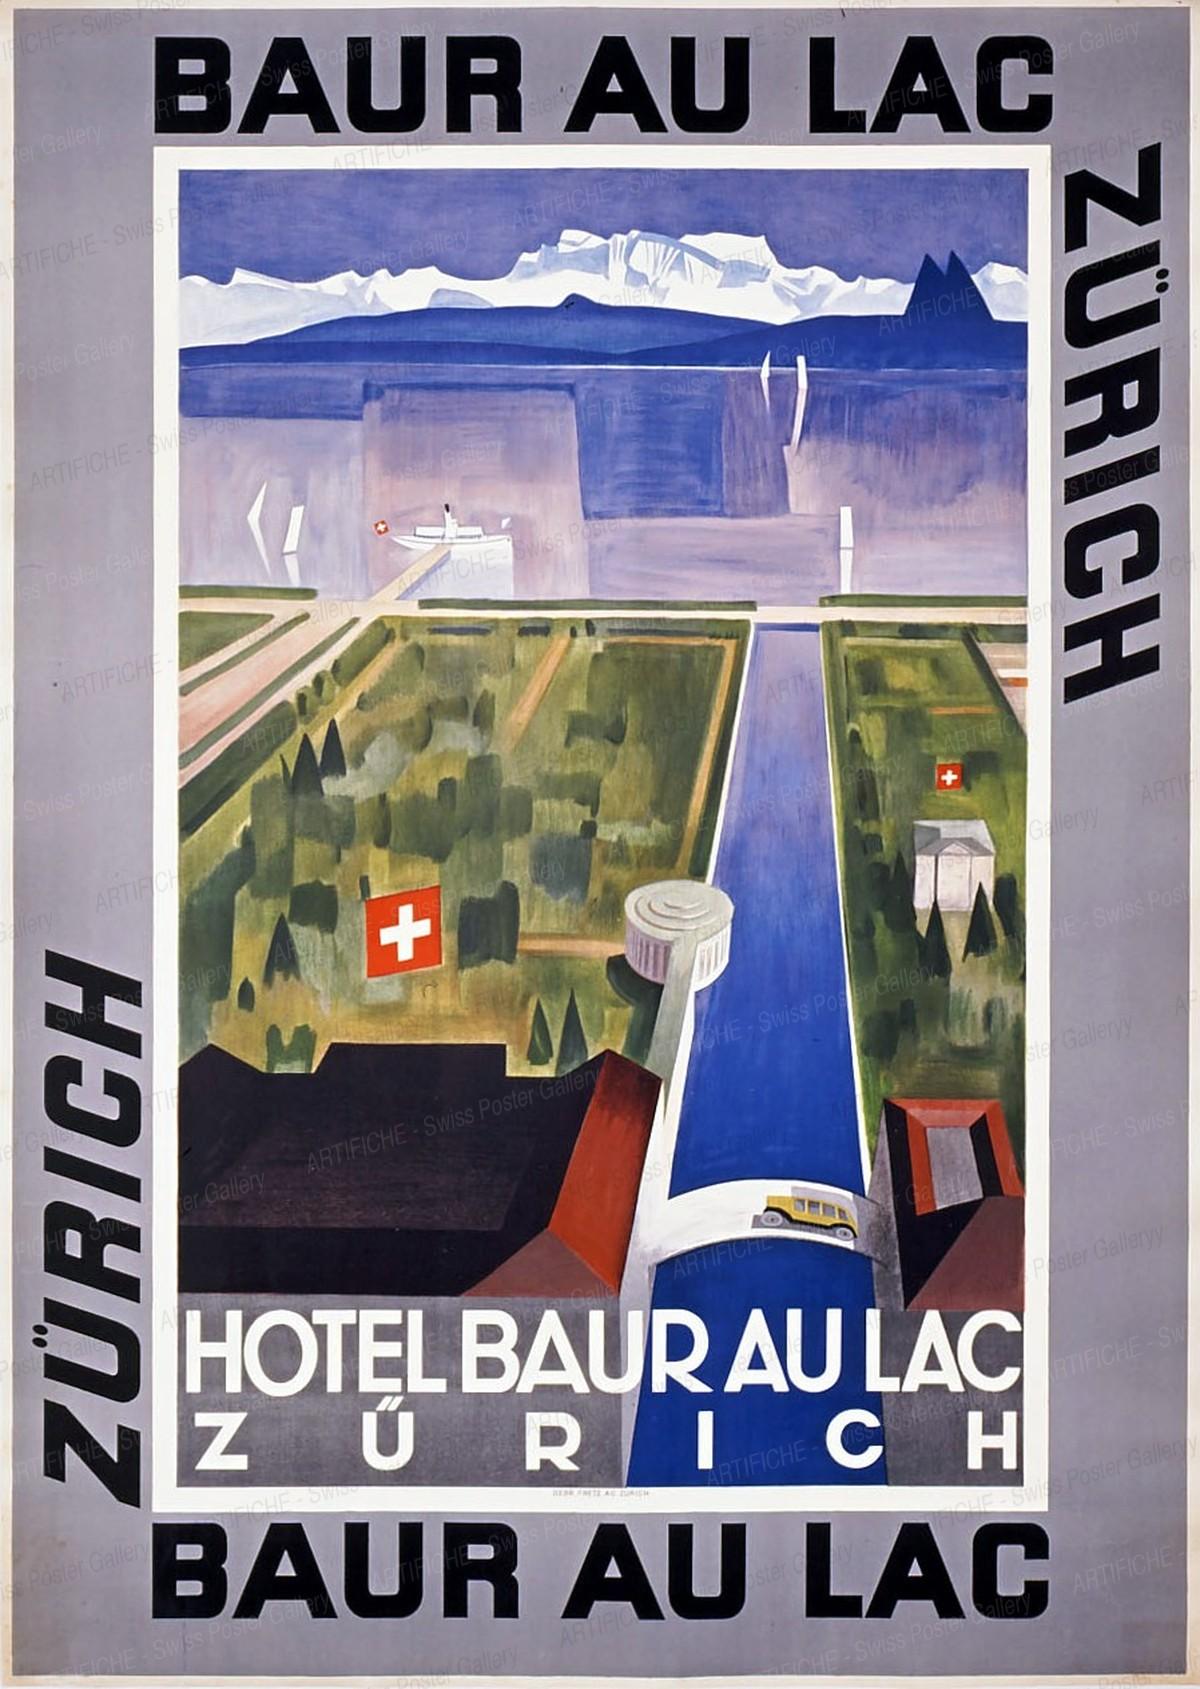 Hotel Baur au Lac Zürich, Artist unknown